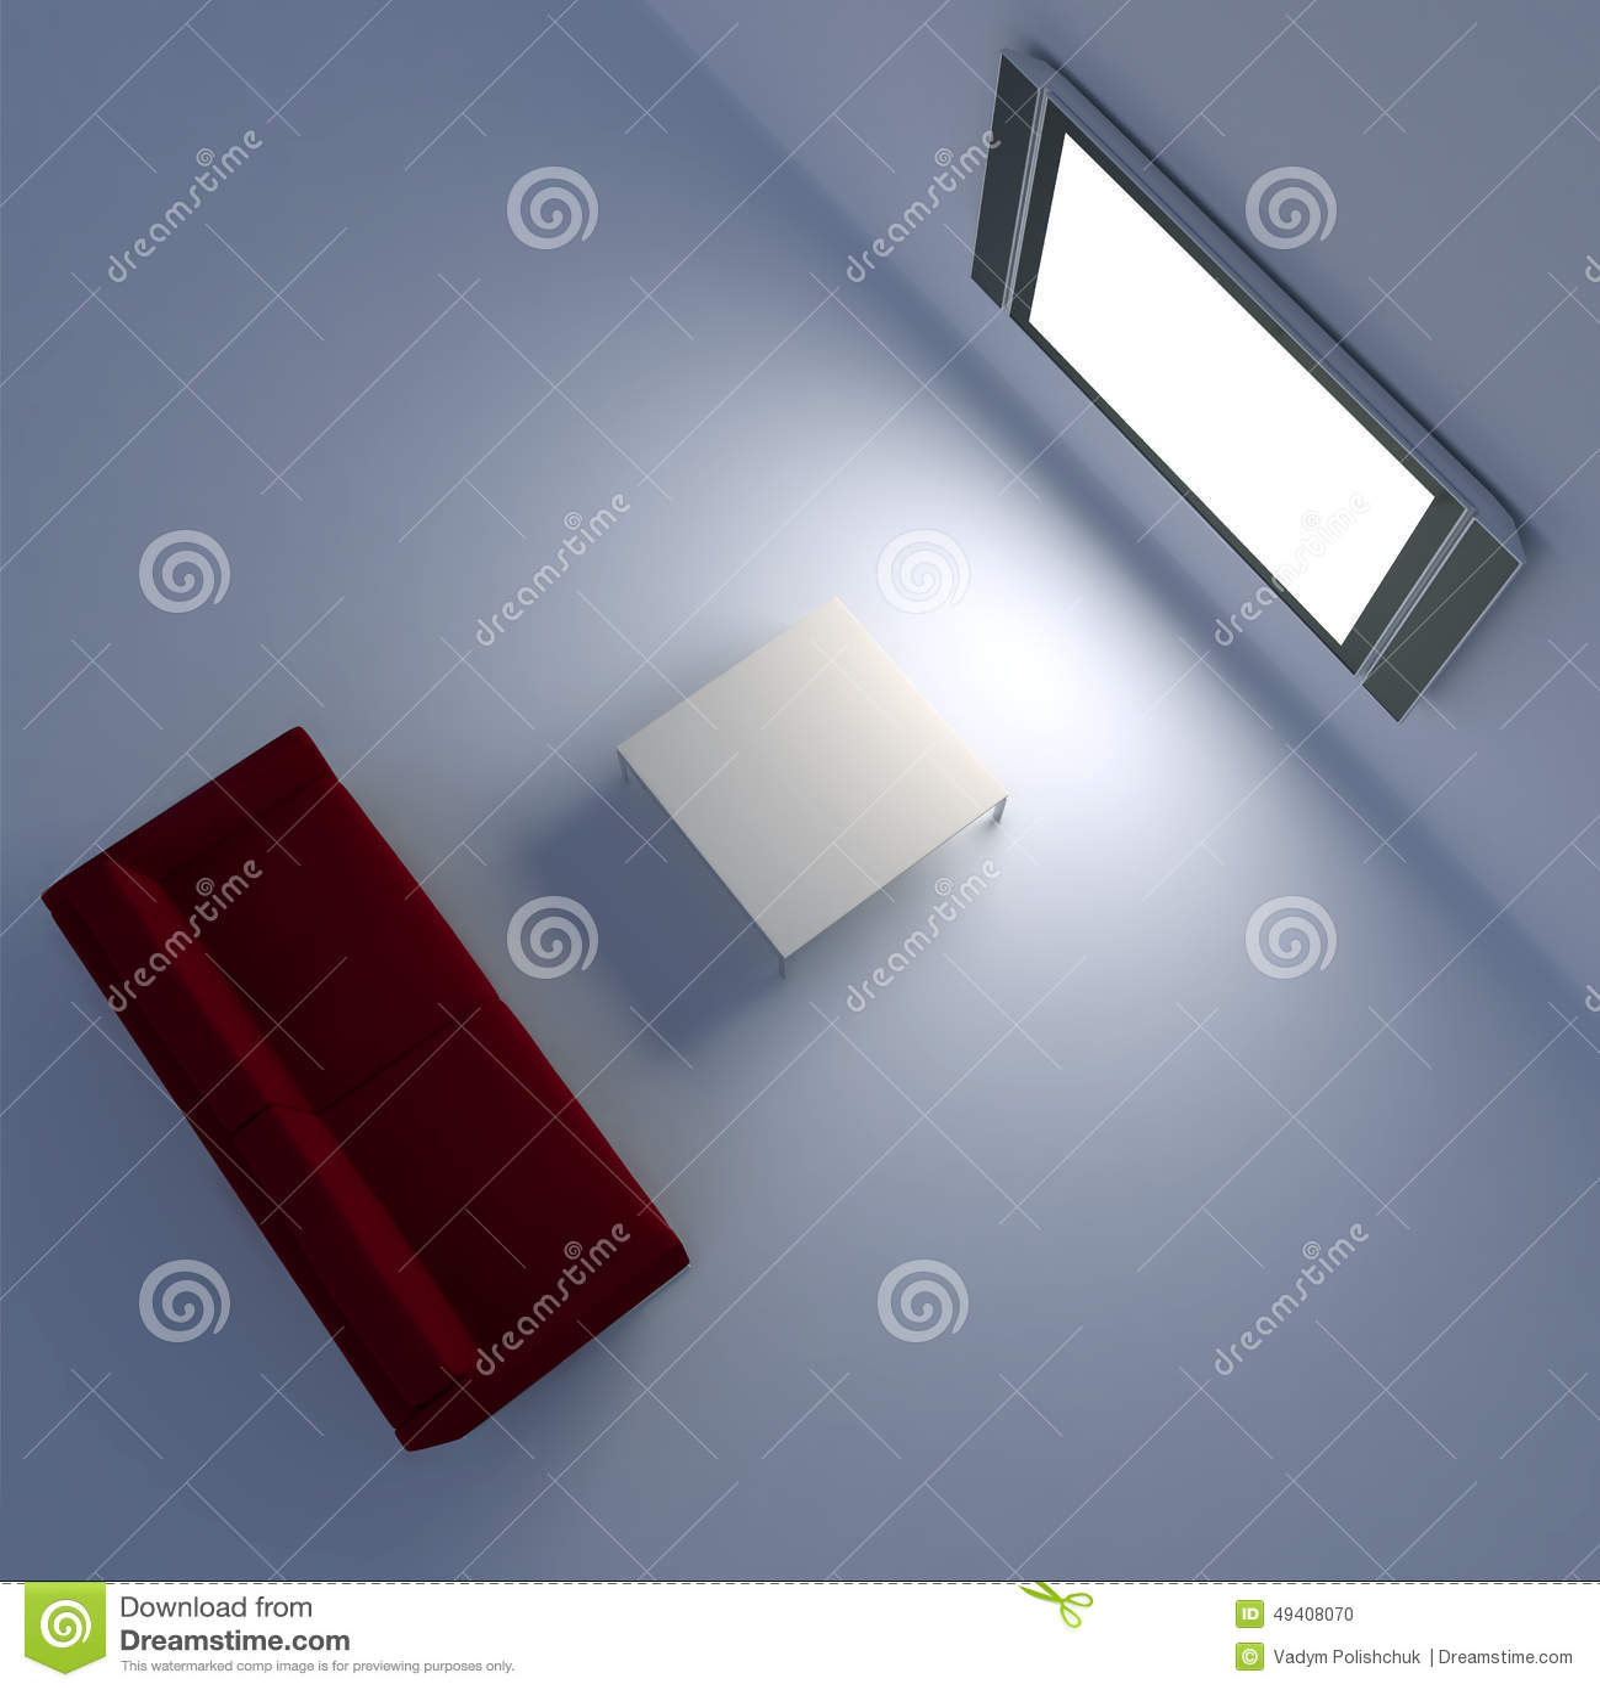 Download Rotes Sofa Mit Einem Flachbildschirm Fernsehen Auf Der Wand Stock Abbildung - Illustration von minimal, inländisch: 49408070